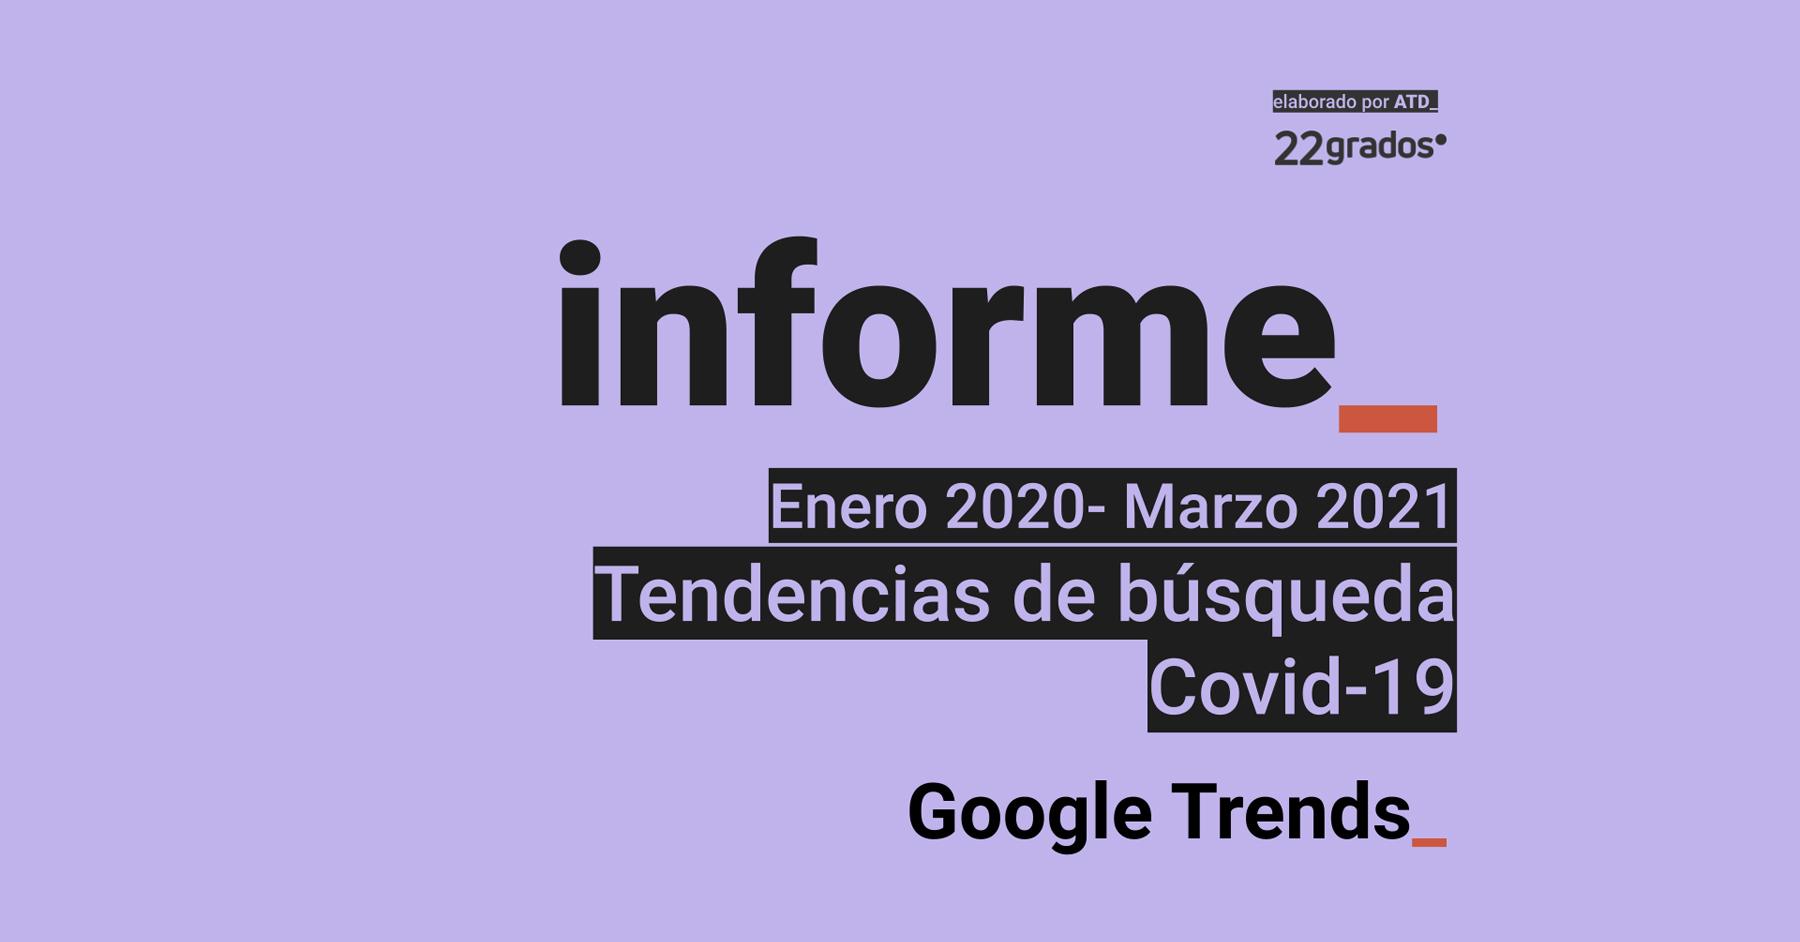 Descarga el Informe de Tendencias de búsqueda COVID-19